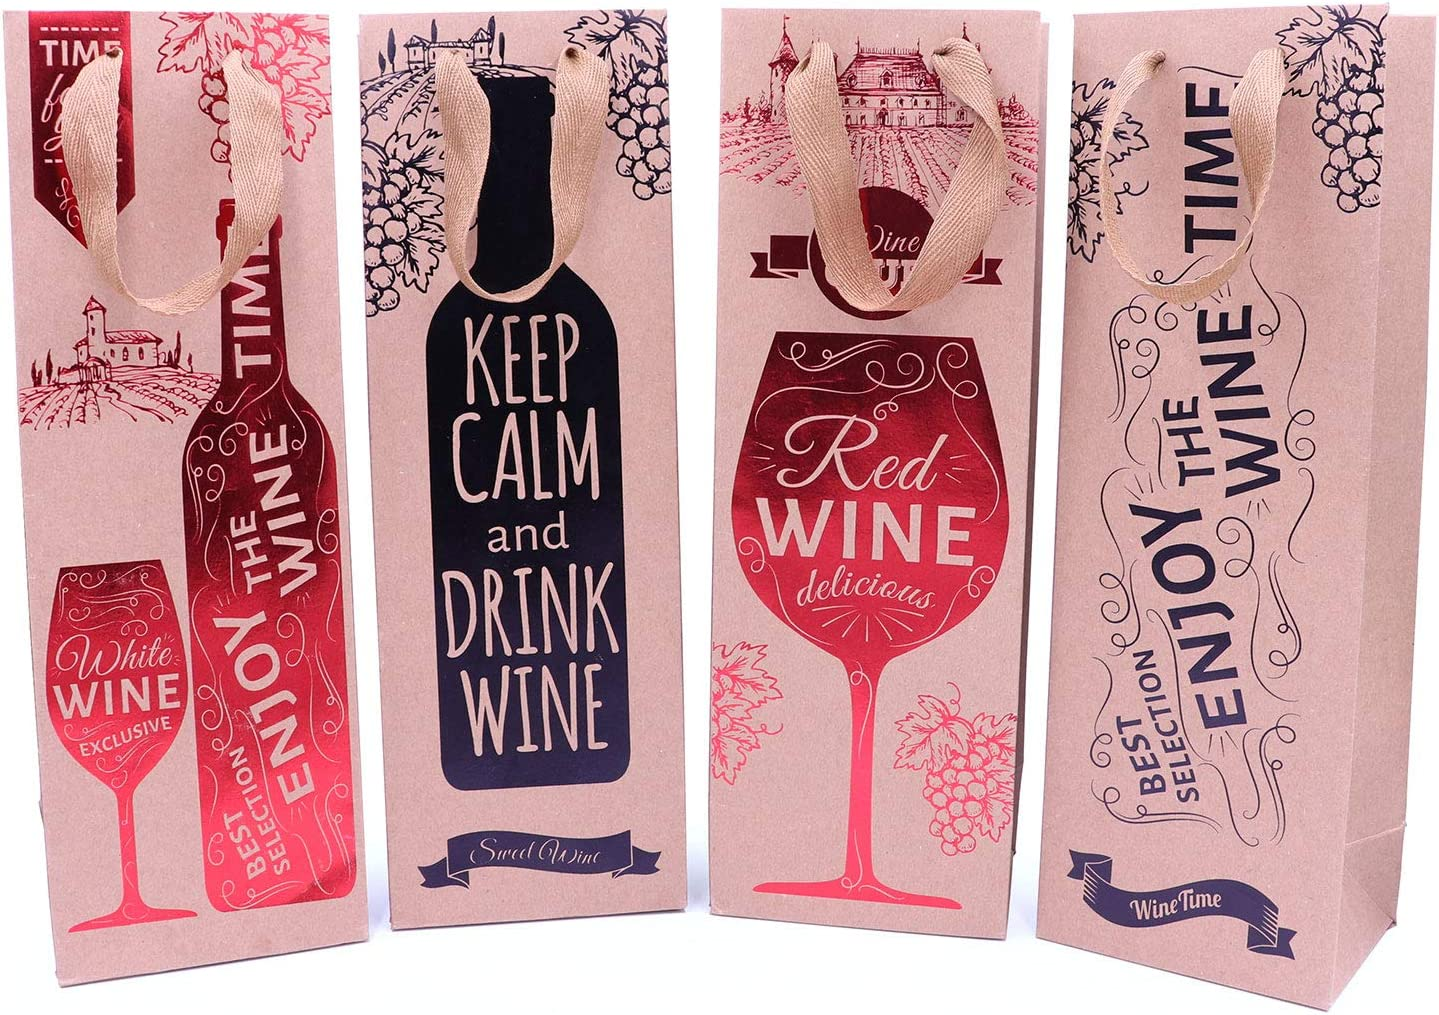 8 bolsas de regalo para botellas de vino con etiqueta de regalo y asas para bodas, aniversarios, cumpleaños, 39 cm de alto x 12 cm de ancho x 9 cm de profundidad